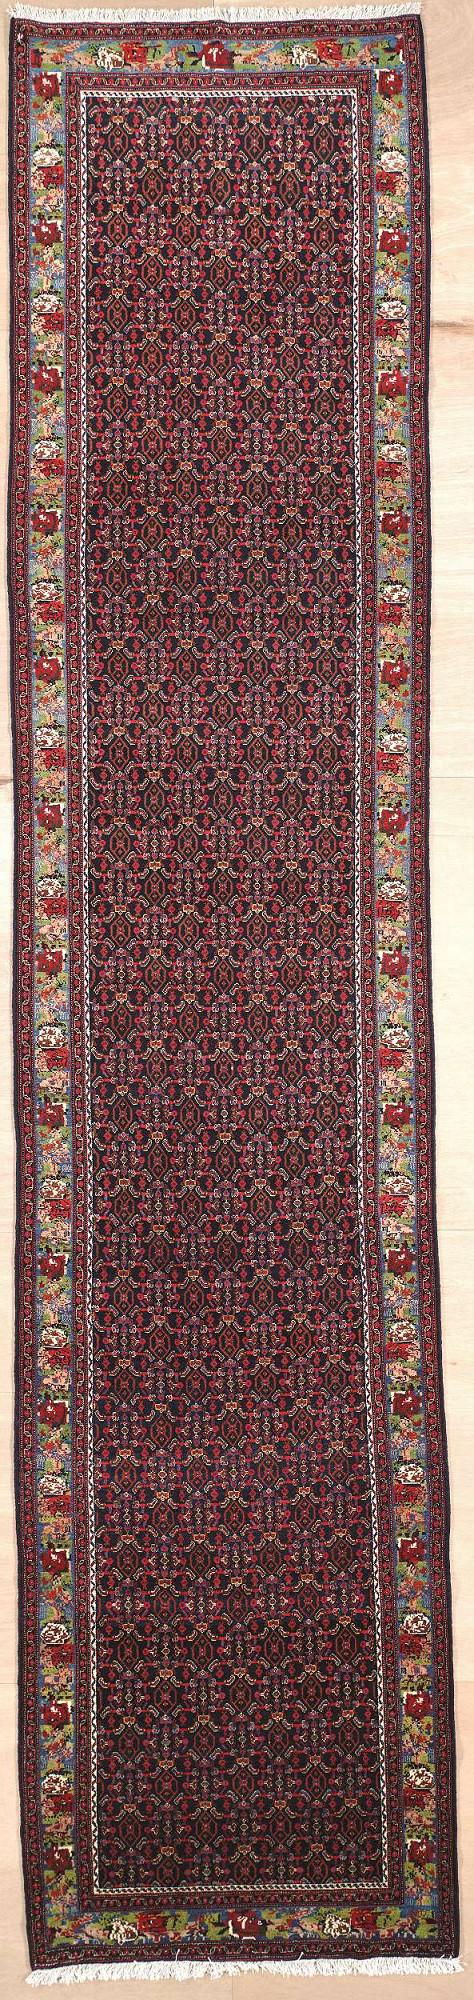 Persian Seneh Runner 3x17